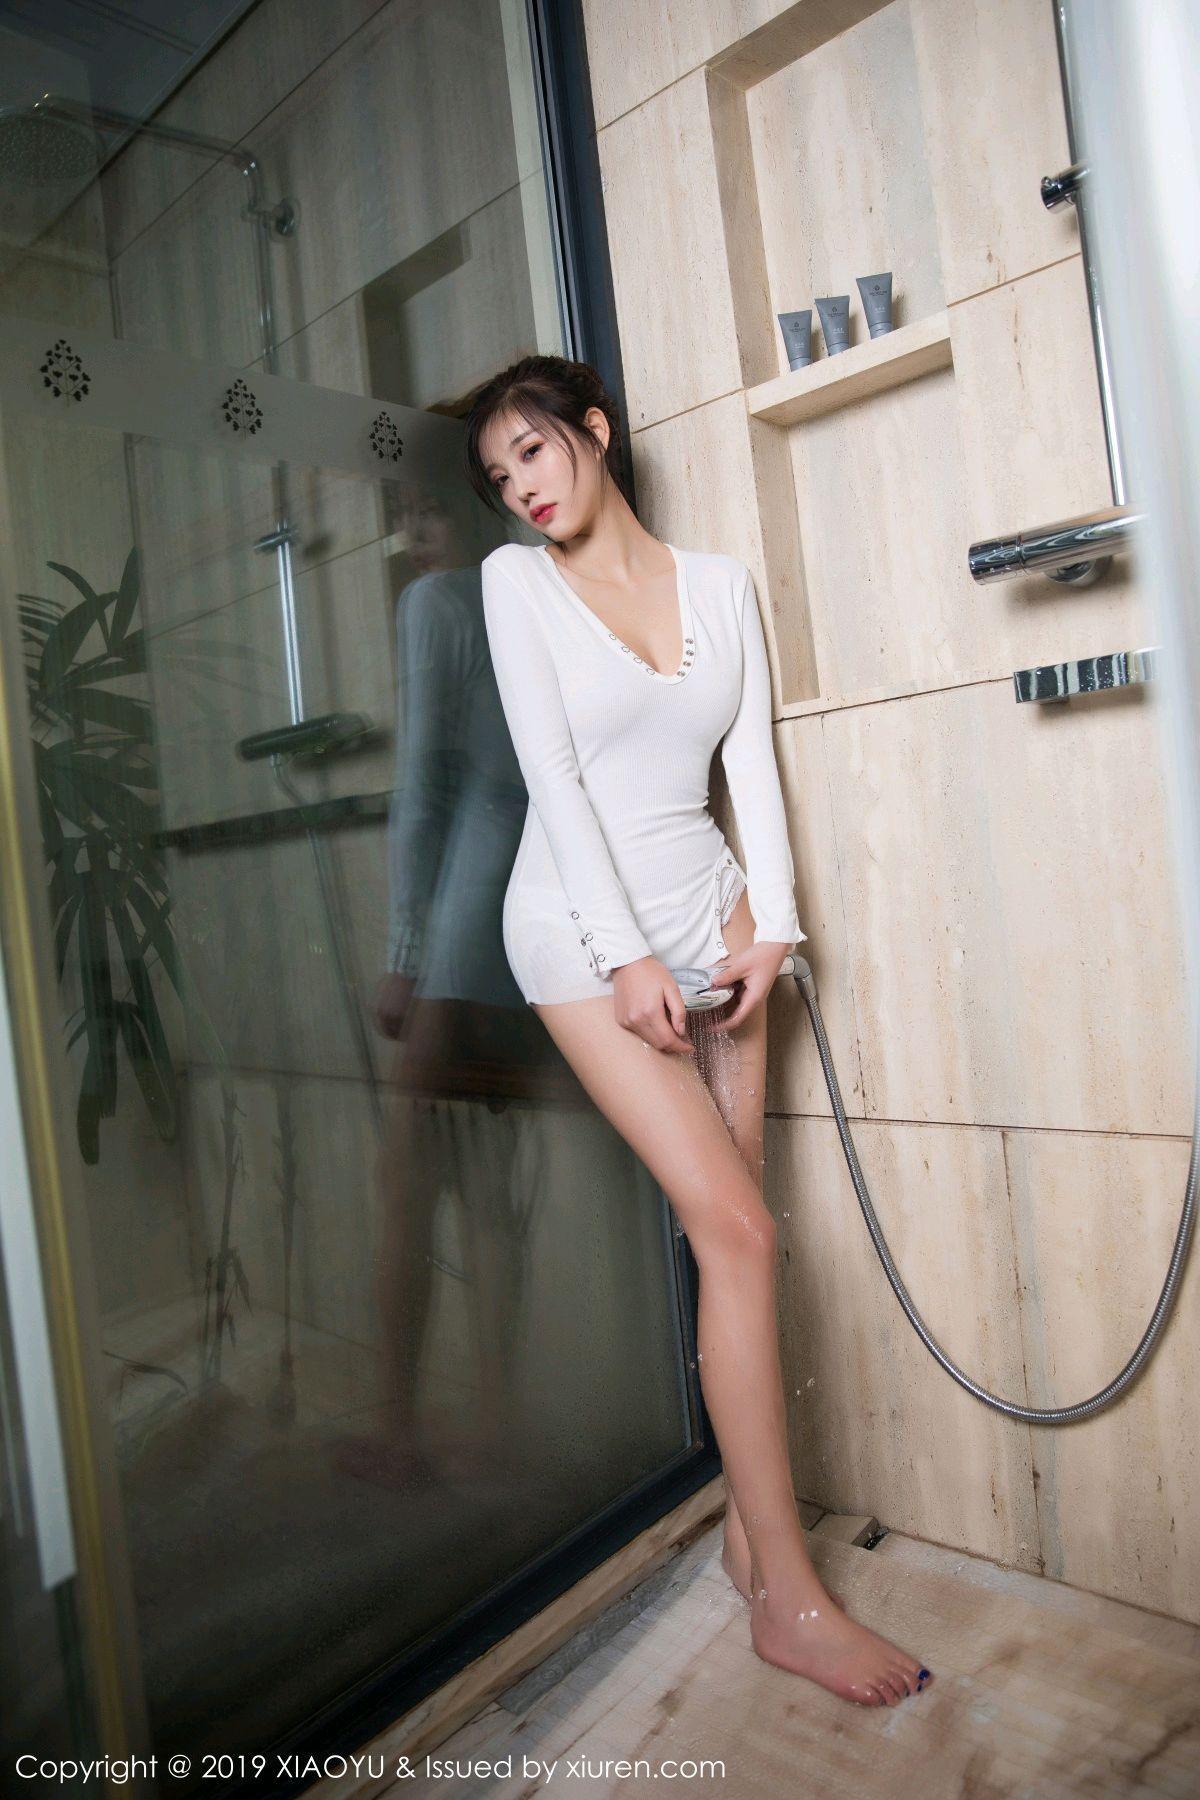 [XiaoYu] Vol.025 Yang Chen Chen 14P, Bathroom, Wet, XiaoYu, Yang Chen Chen